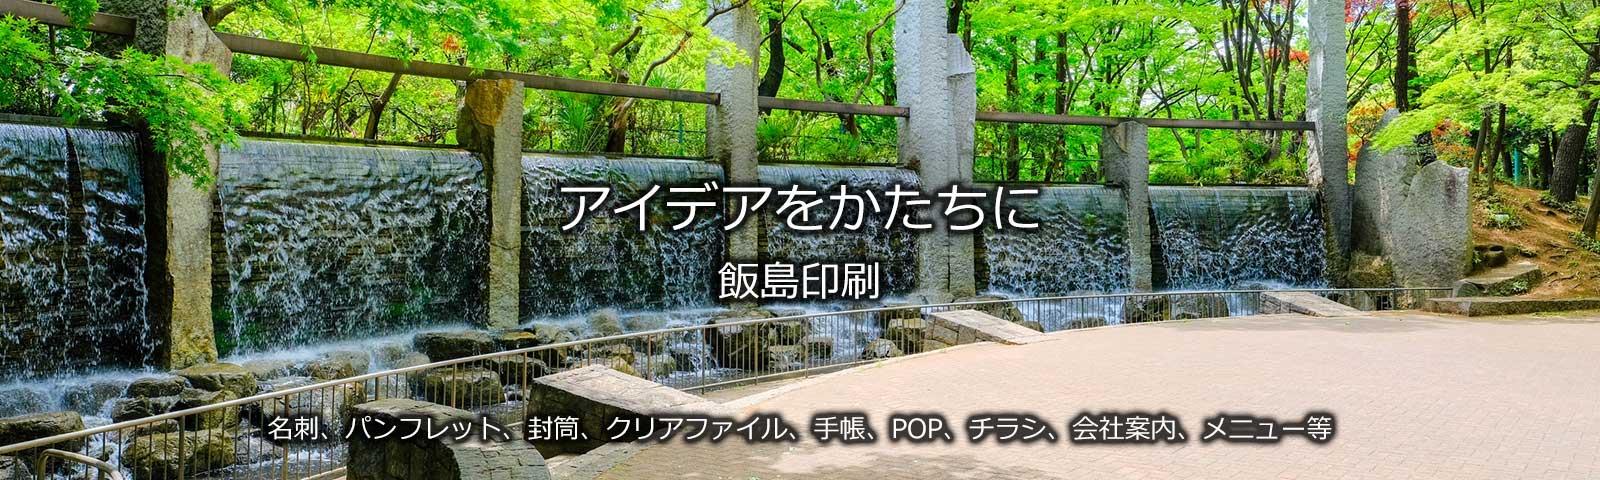 高円寺 飯島印刷